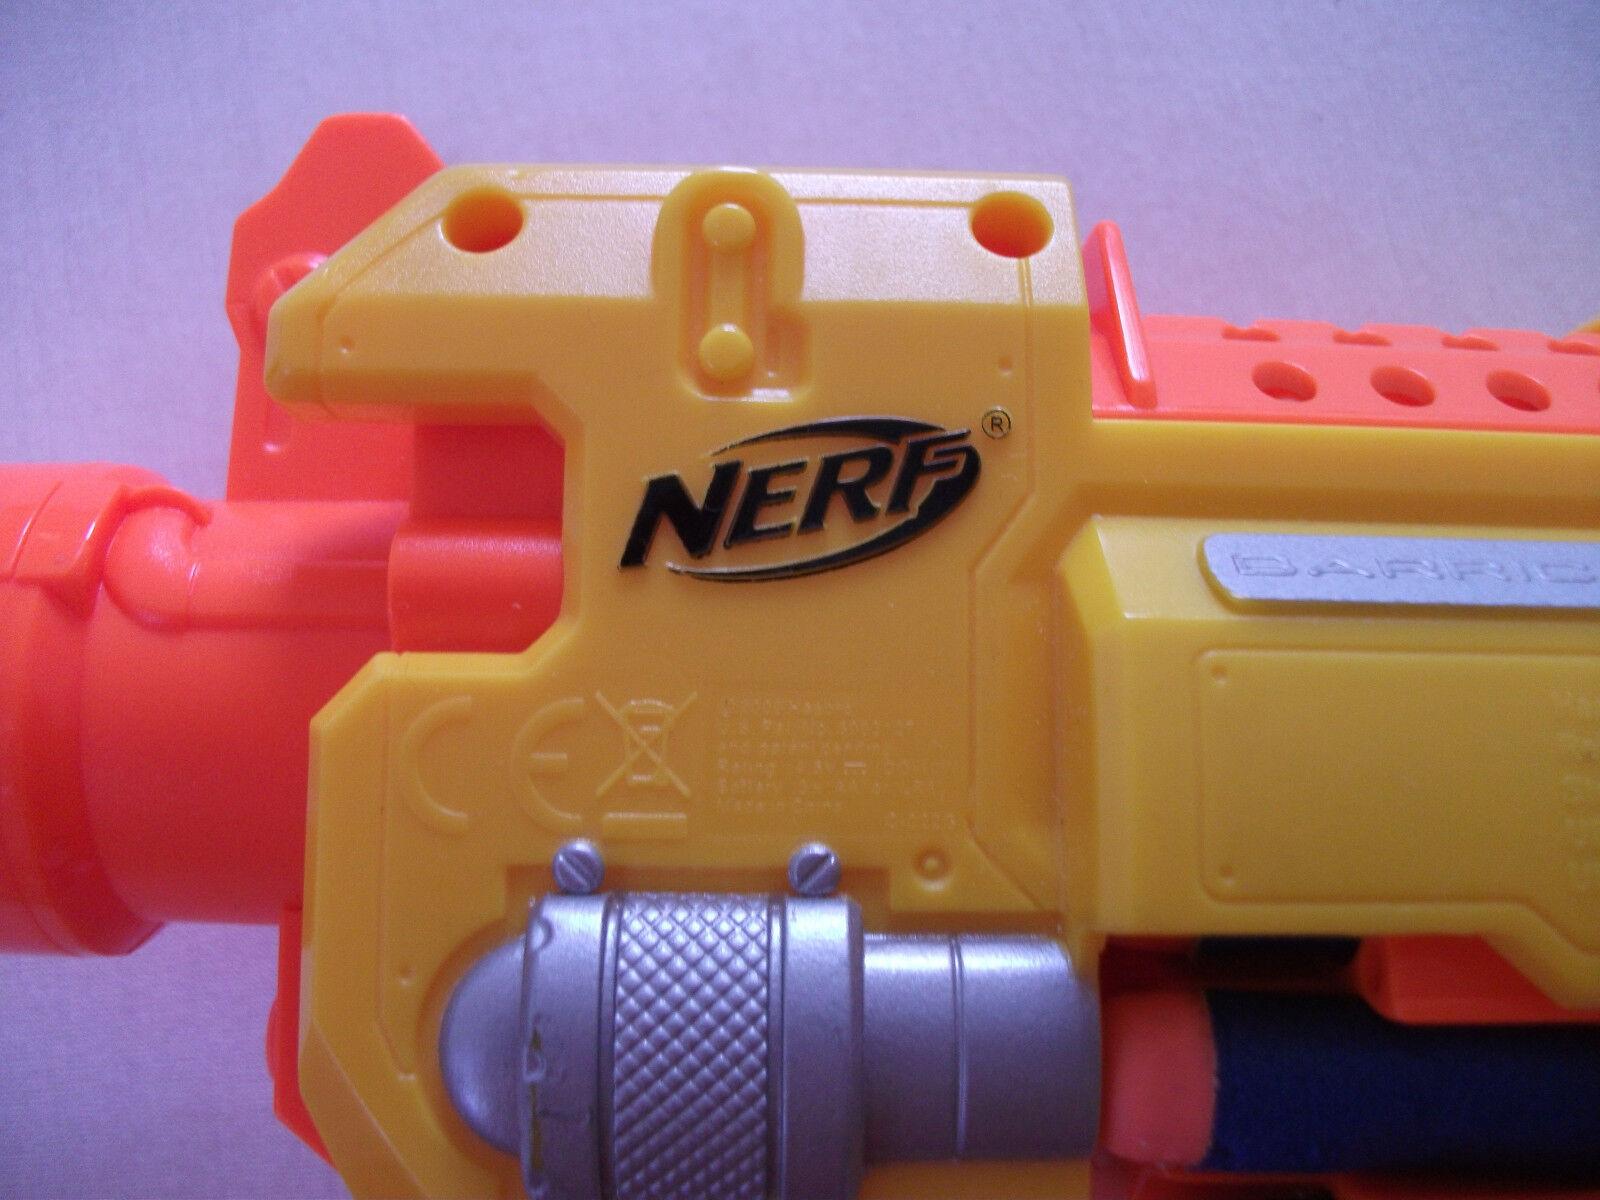 Orig.NERF - - - BARRICADE RV 10 batteriebetrieben neuw. c1e8e5